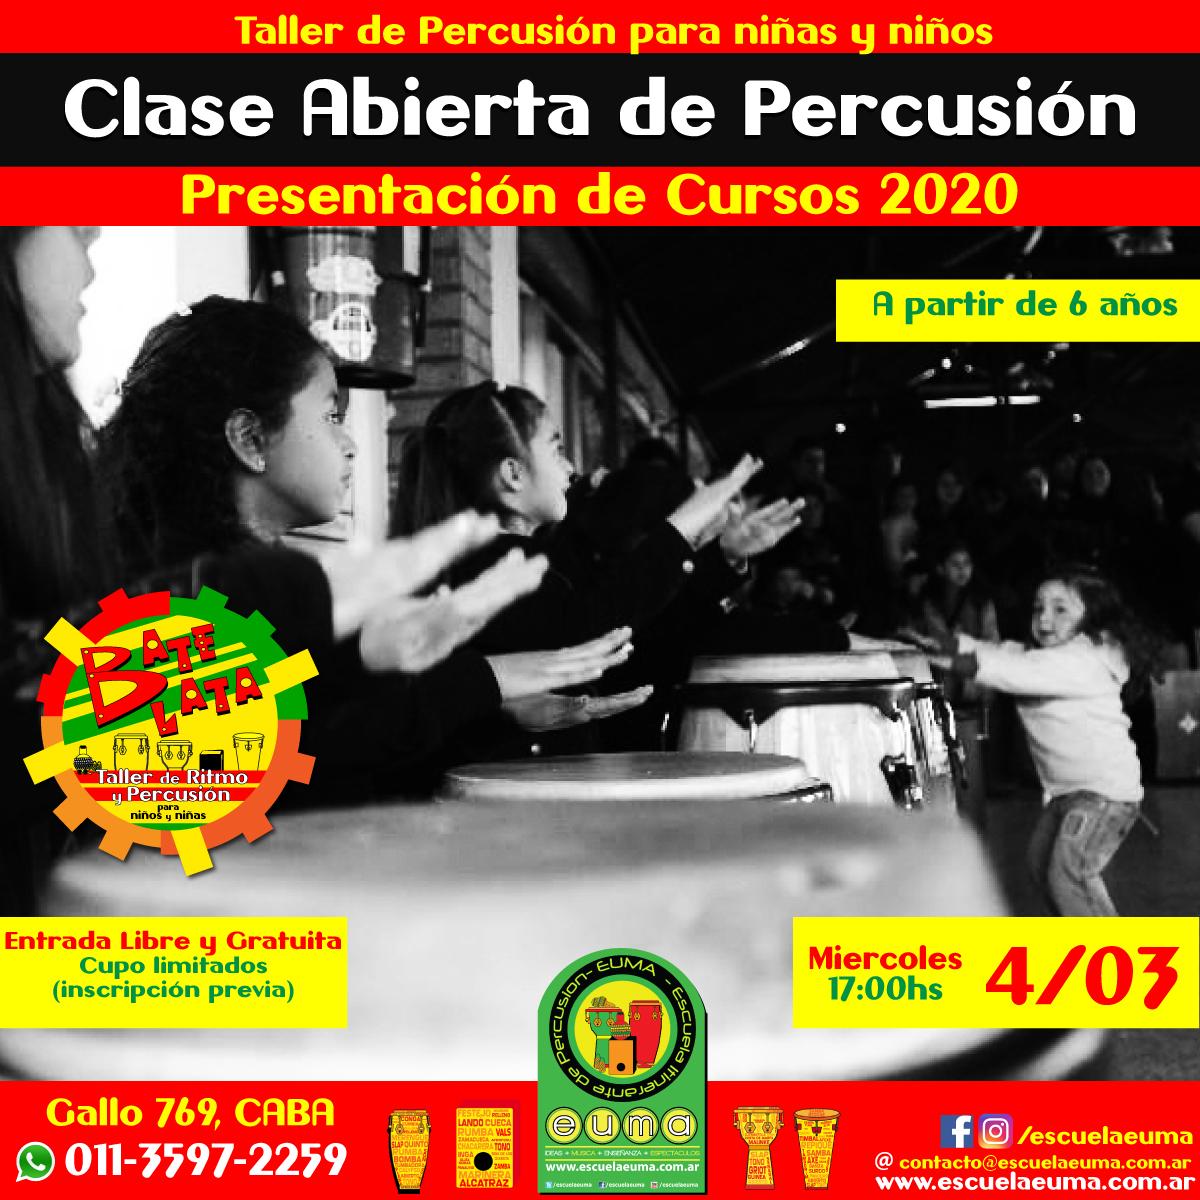 Escuela-EUMA-Clase-Abierta-de-Percusion-Marzo-Ninios-2020-1200×1200